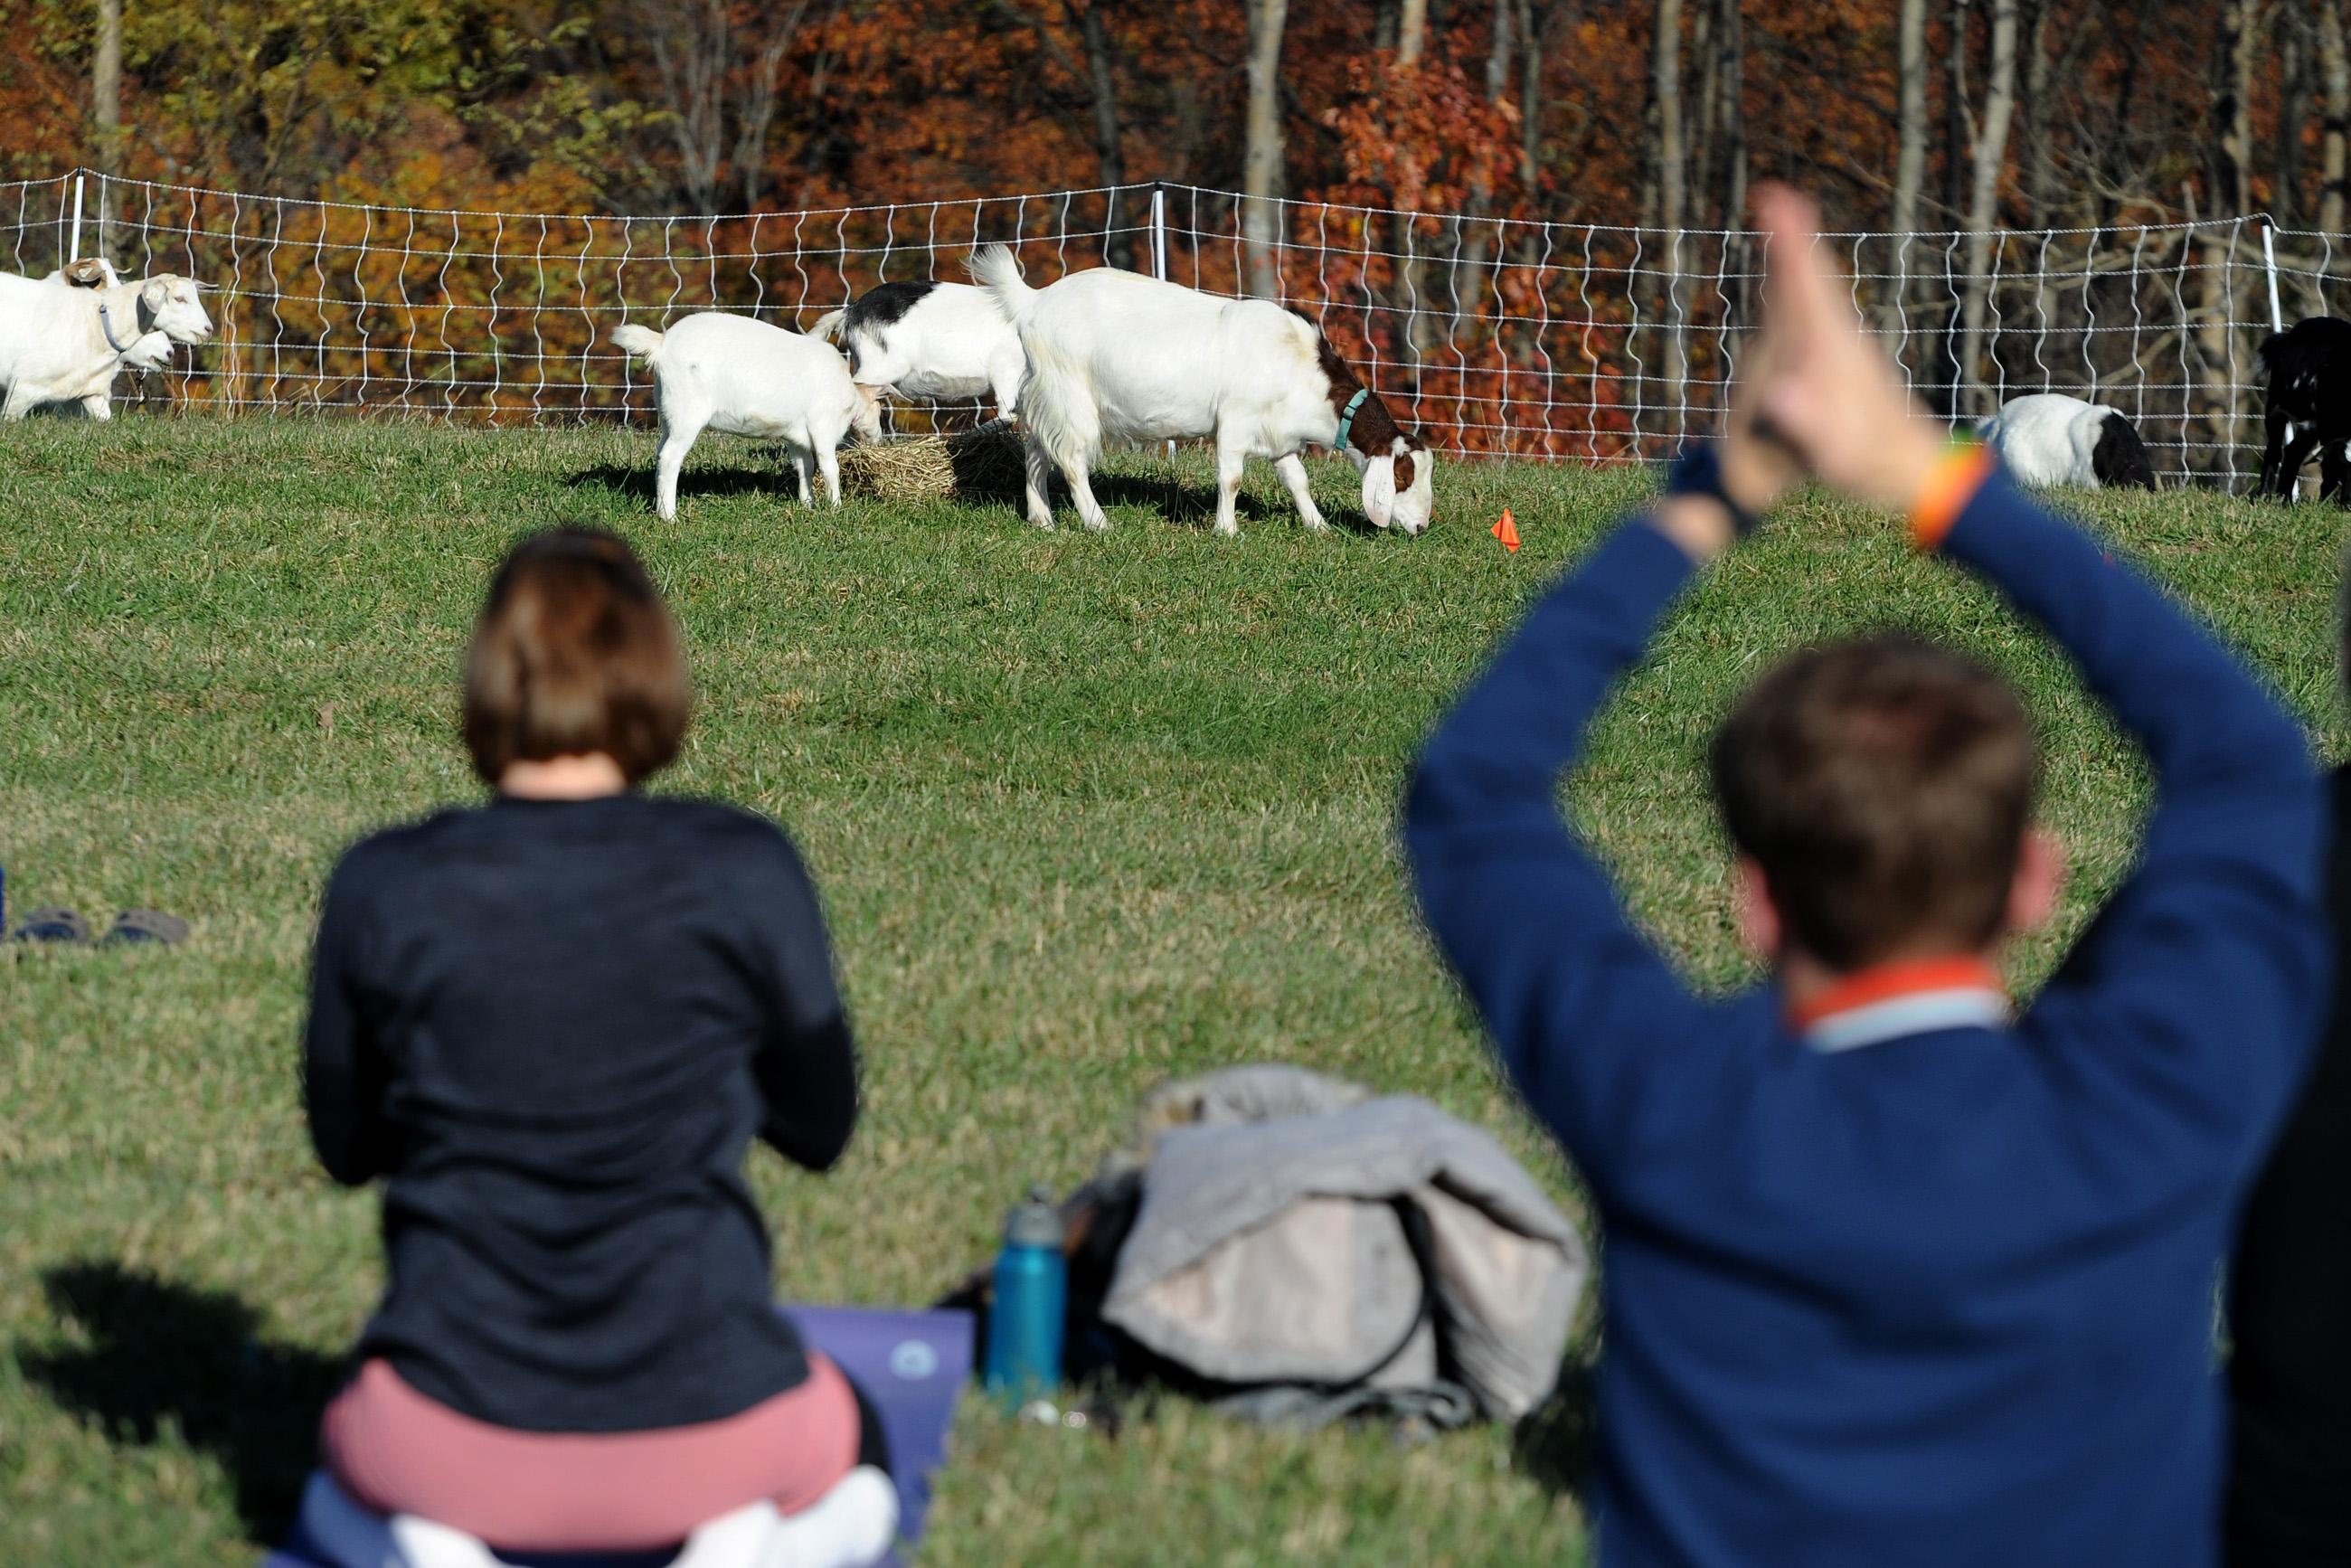 20161112ppNamasHayYoga4MAG-3 Pam Panchak/Post-Gazette 11122016 PHOTOSLUG: NasmasHayYoga SECTION: Mag CAPTION: A yoga session at the NamasHay Goat Yoga fundraiser for the Western Pa. Humane Society at Have U Heard goat farm in Collier Twp. Thursday, November 12, 2016.